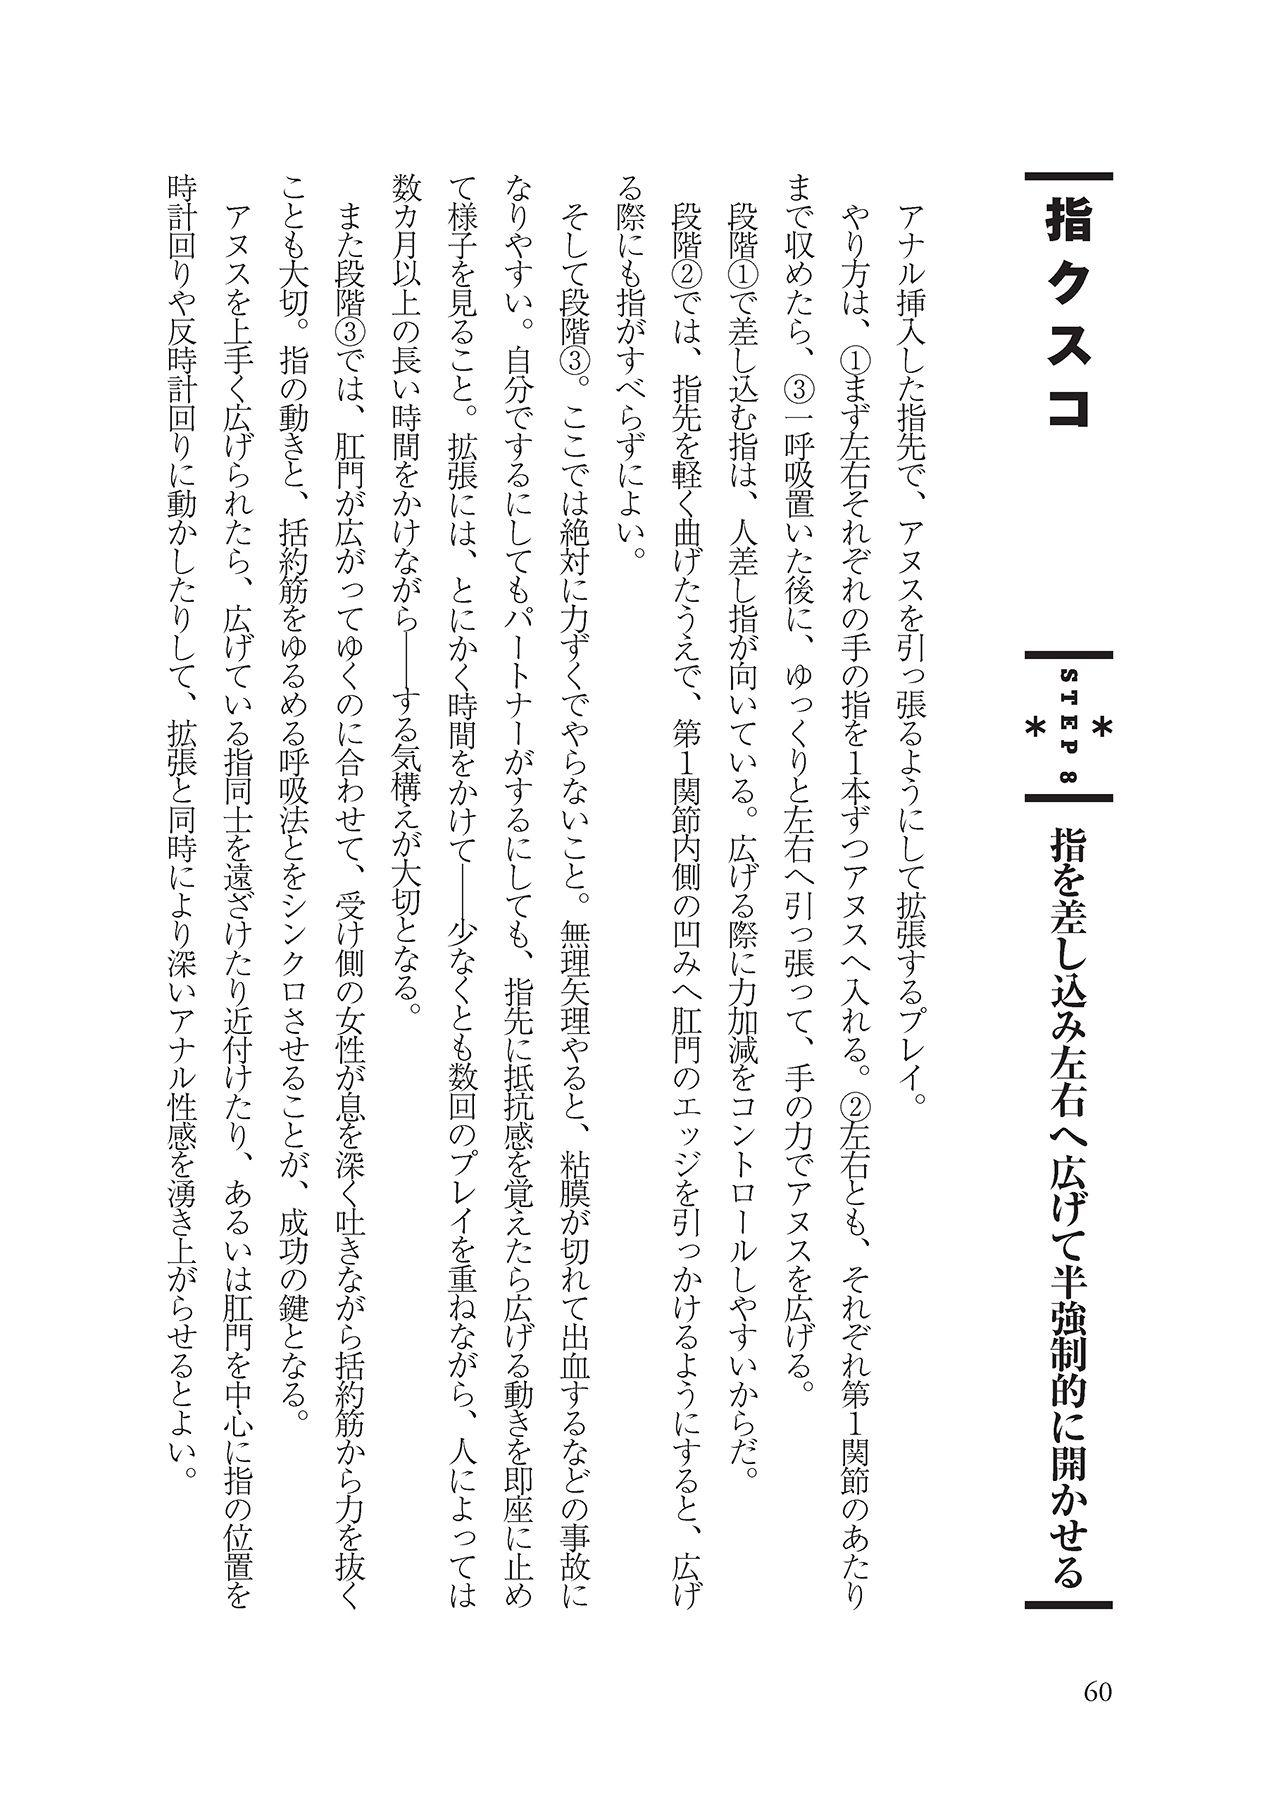 アナル性感開発・お尻エッチ 完全マニュアル 61